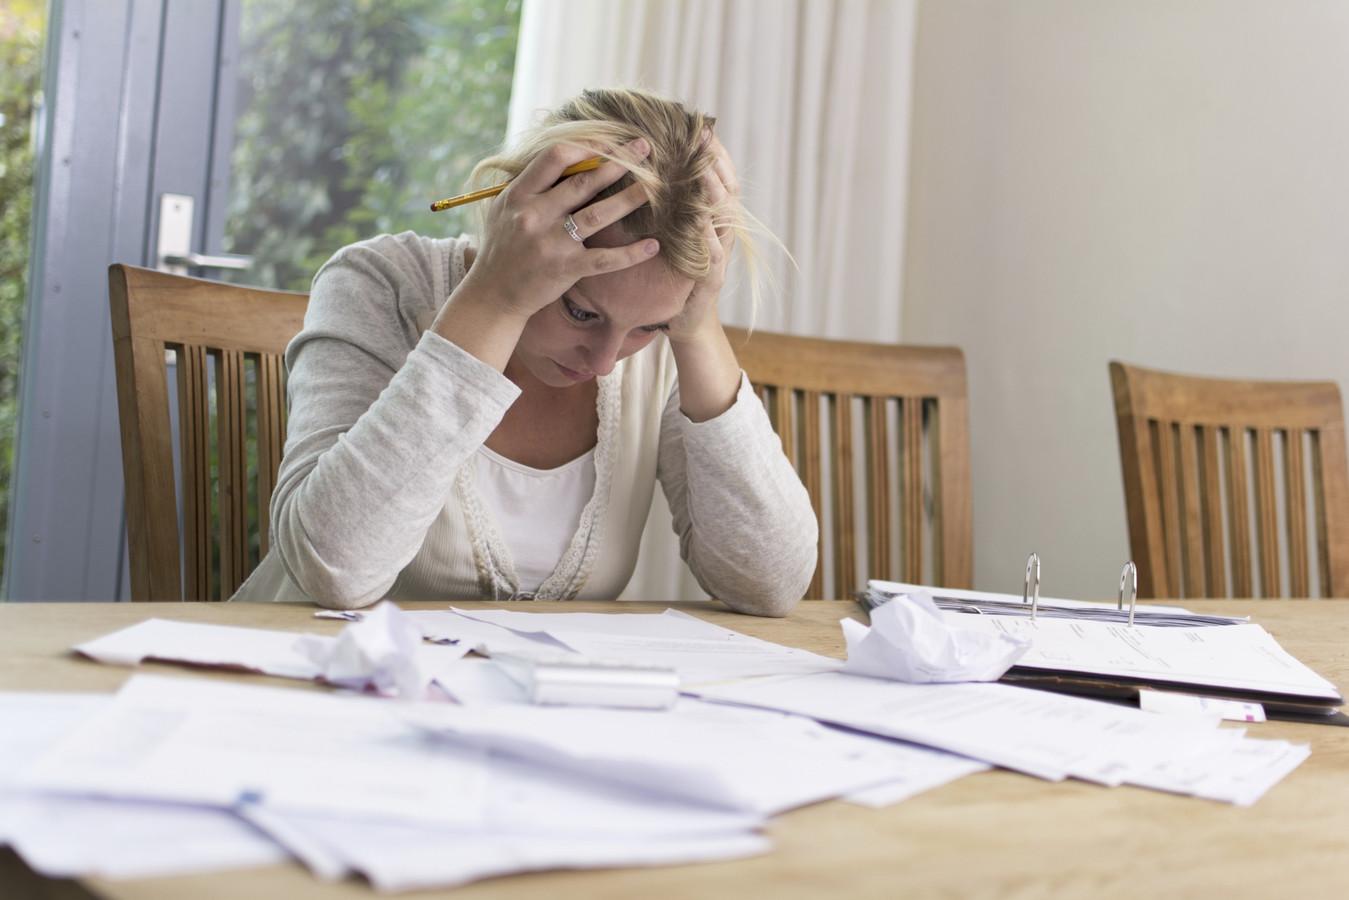 Foto ter illustratie. Gemiddeld kost iemand met schulden de werkgever 13.000 euro op jaarbasis. Deze werknemers functioneren  slechter en verzuimen meer.